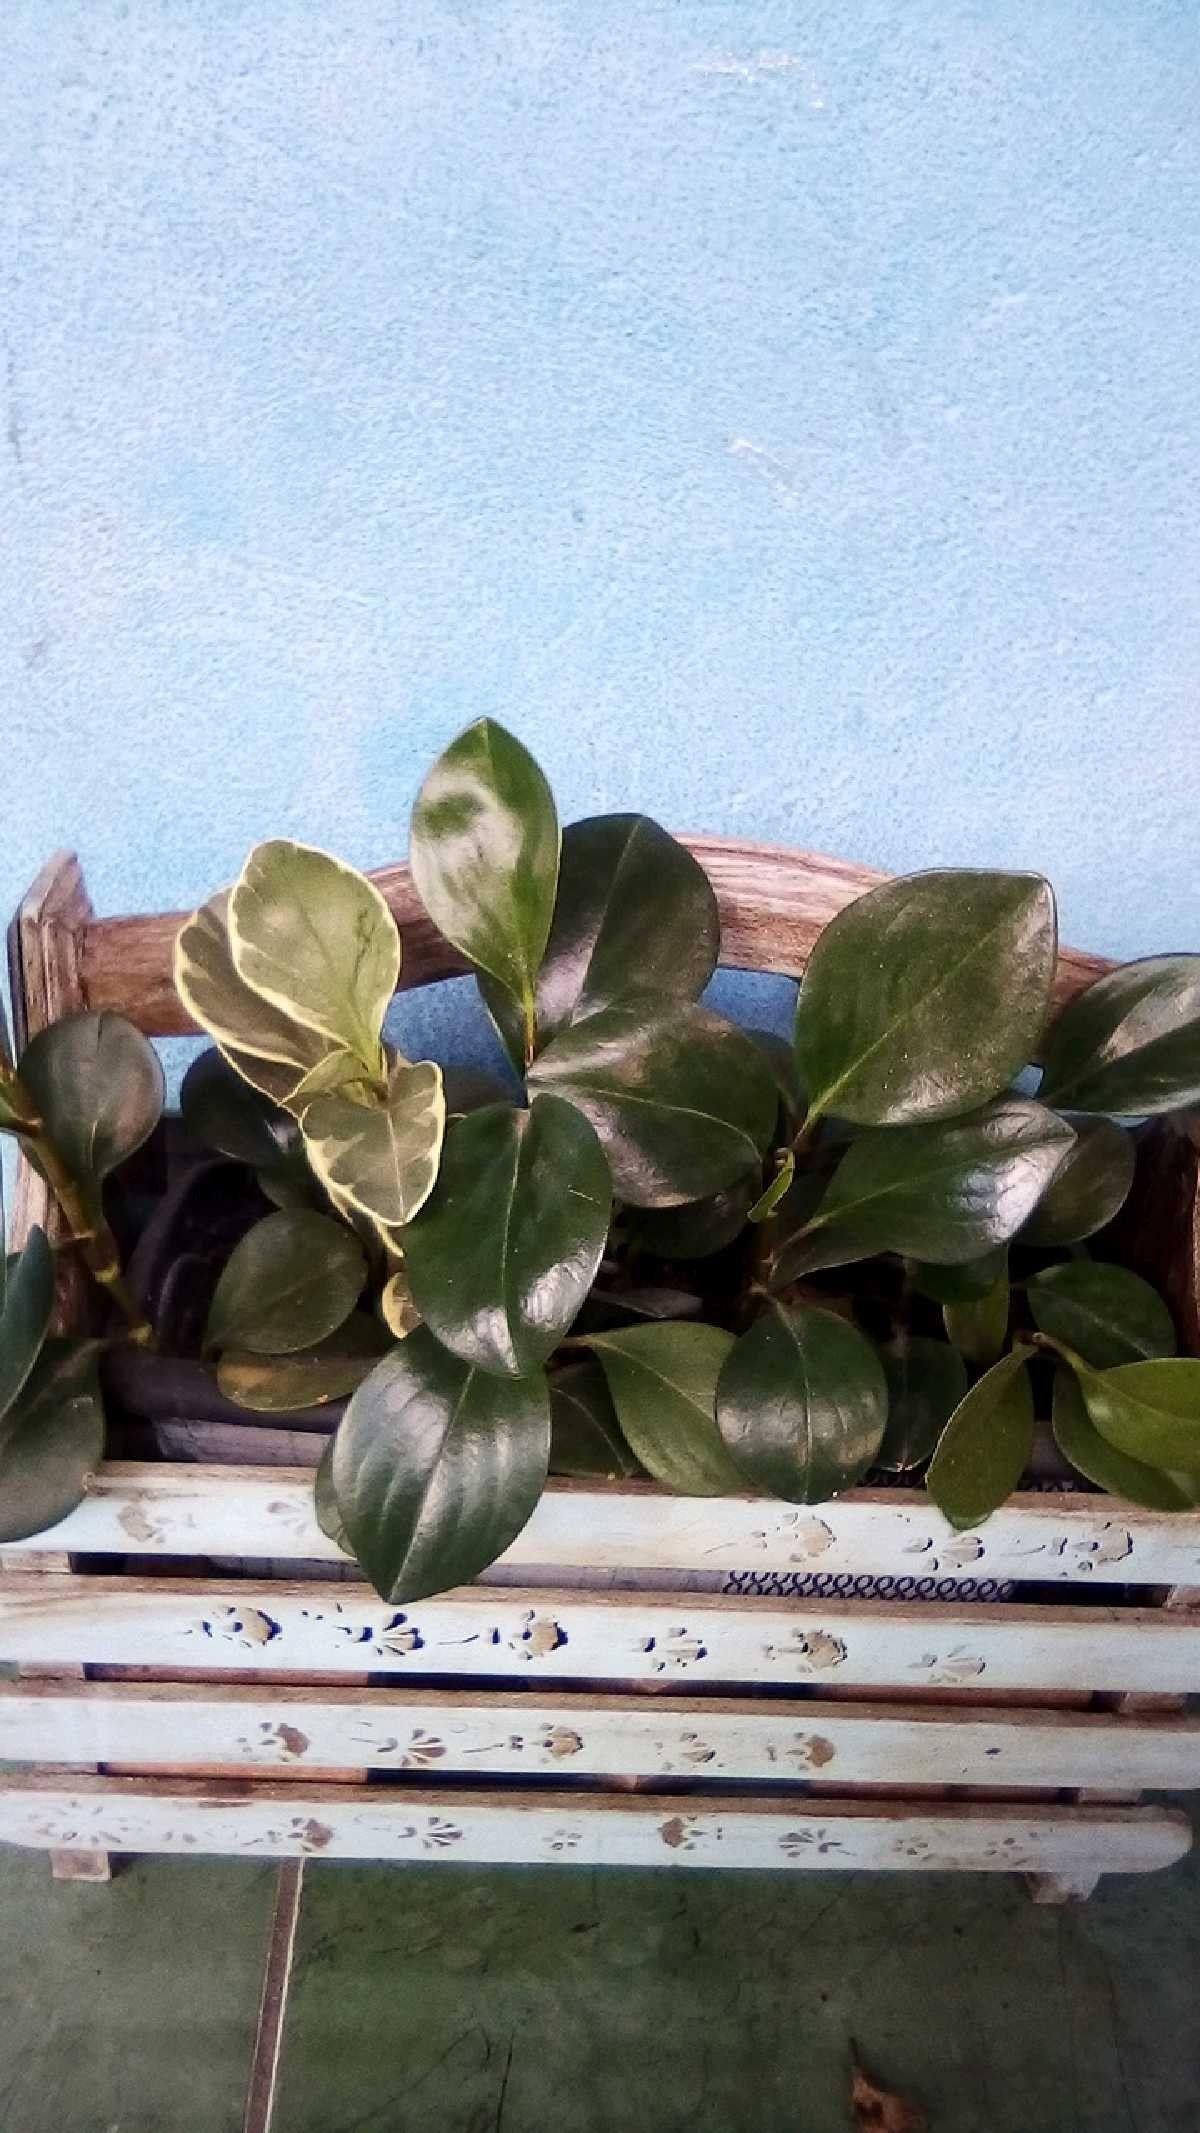 Pin de Janine Cristina em plantas e flores